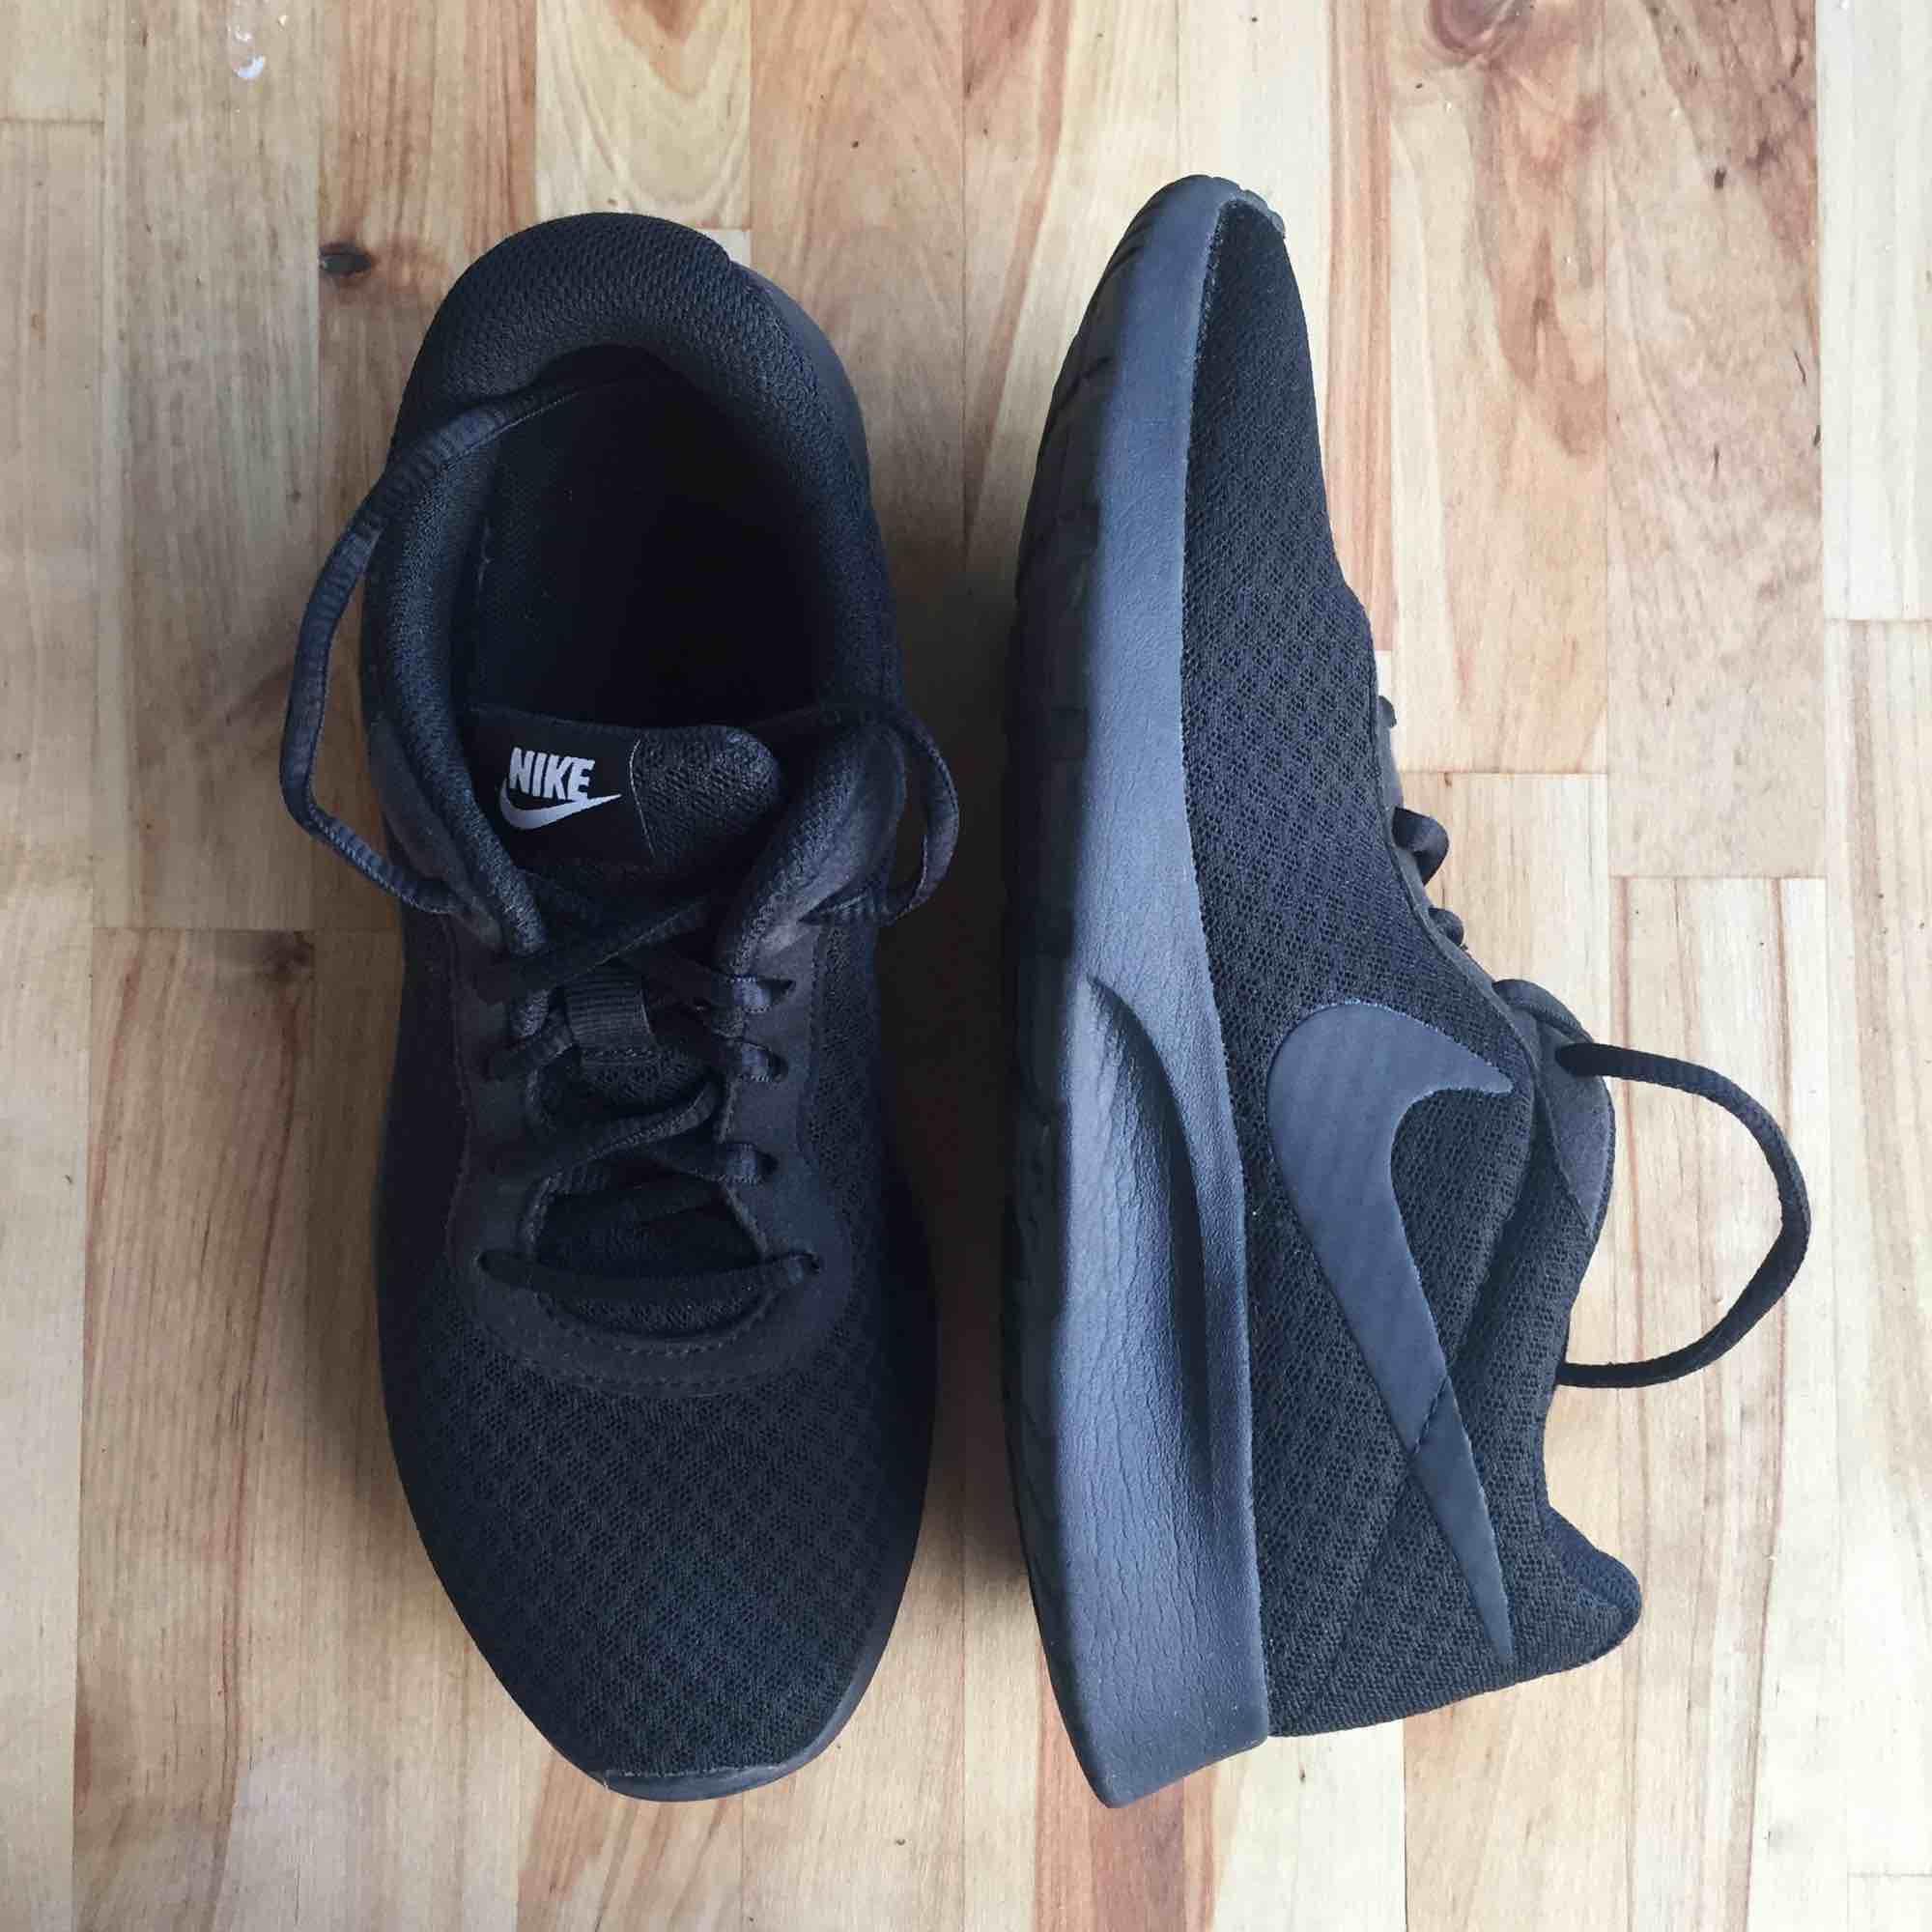 b63c7319804 Knappt använda Svarta skor från Nike. Sköna! Storlek 38. 24 cm innermått.